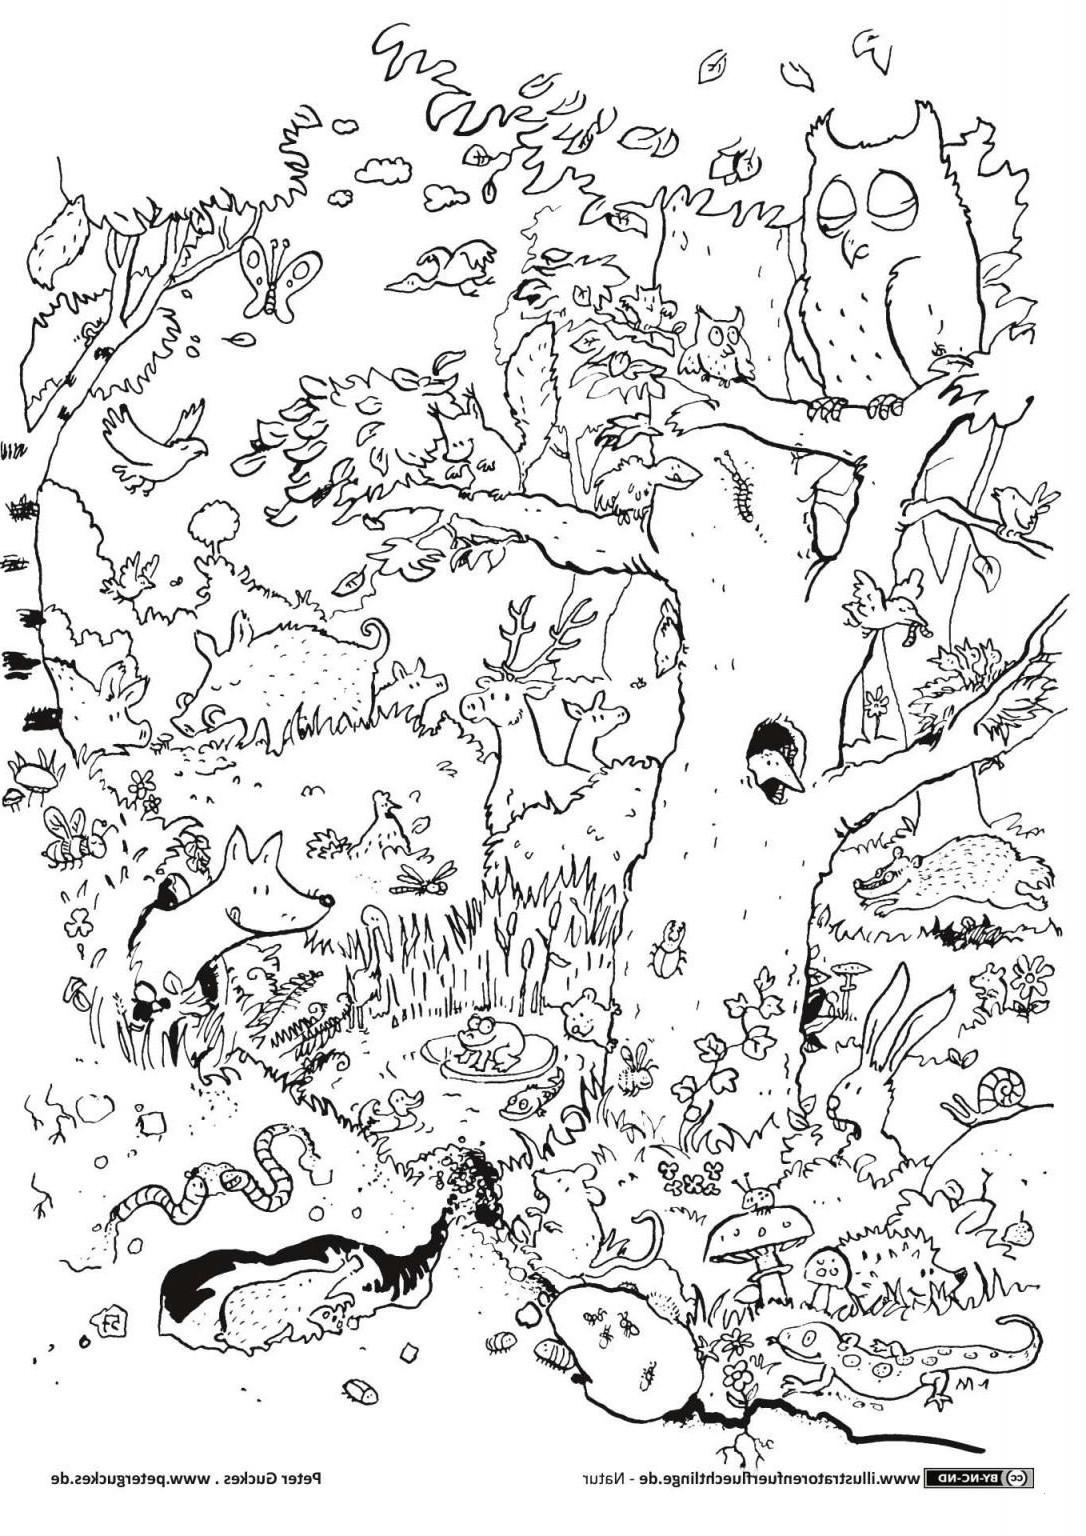 Malvorlagen Prinzessin Lillifee Genial 35 Elegant Ausmalbilder Lillifee – Malvorlagen Ideen Sammlung